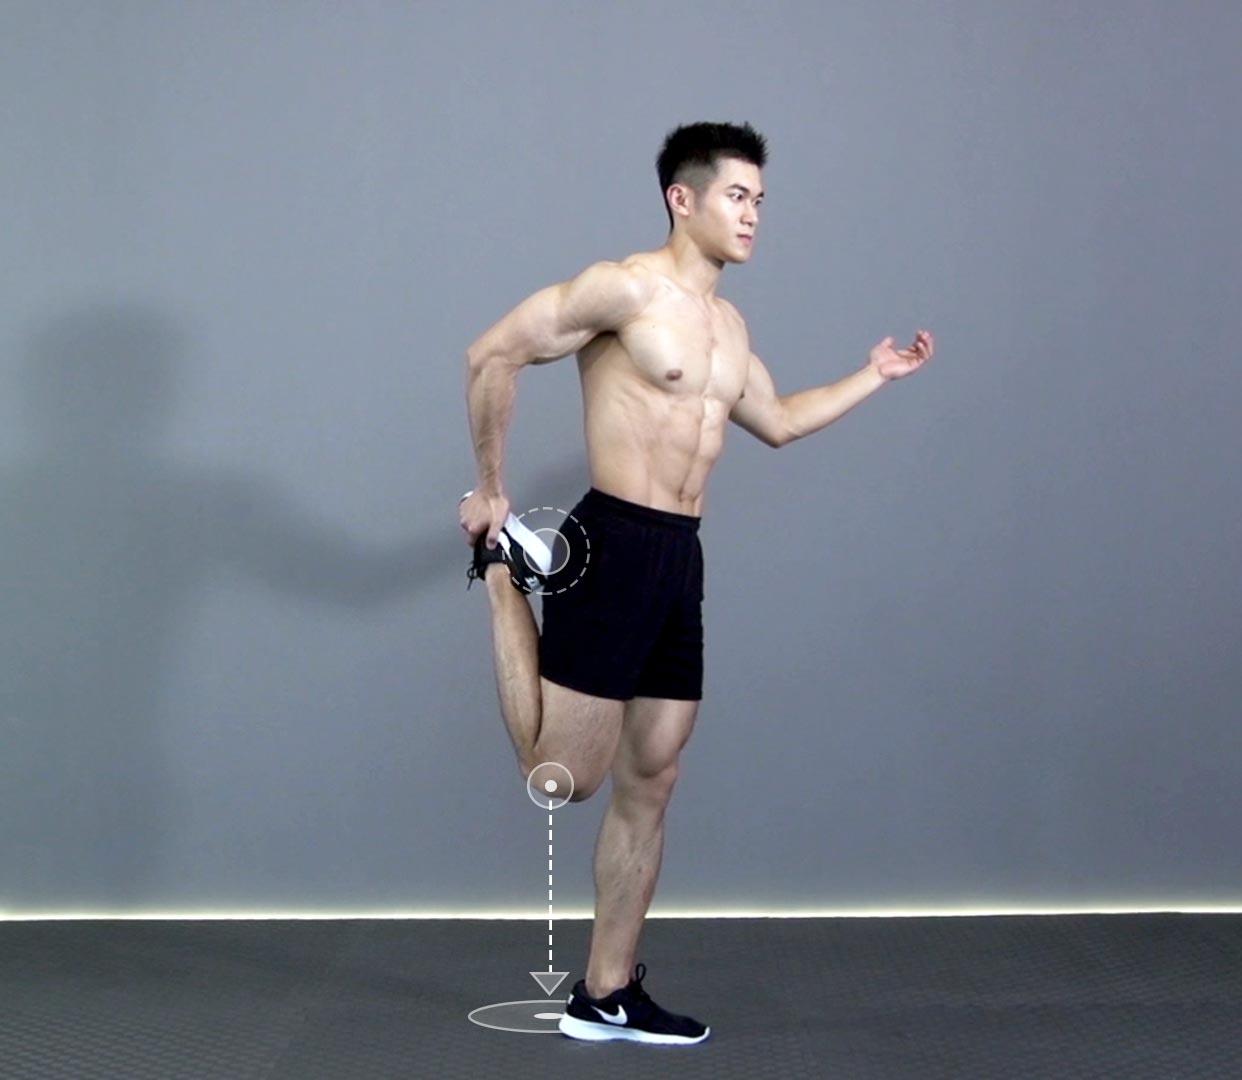 拉伸小腿的动作_大腿前侧拉伸 R正确动作要领_大腿前侧拉伸 R视频GIF图解_Hi运动 ...